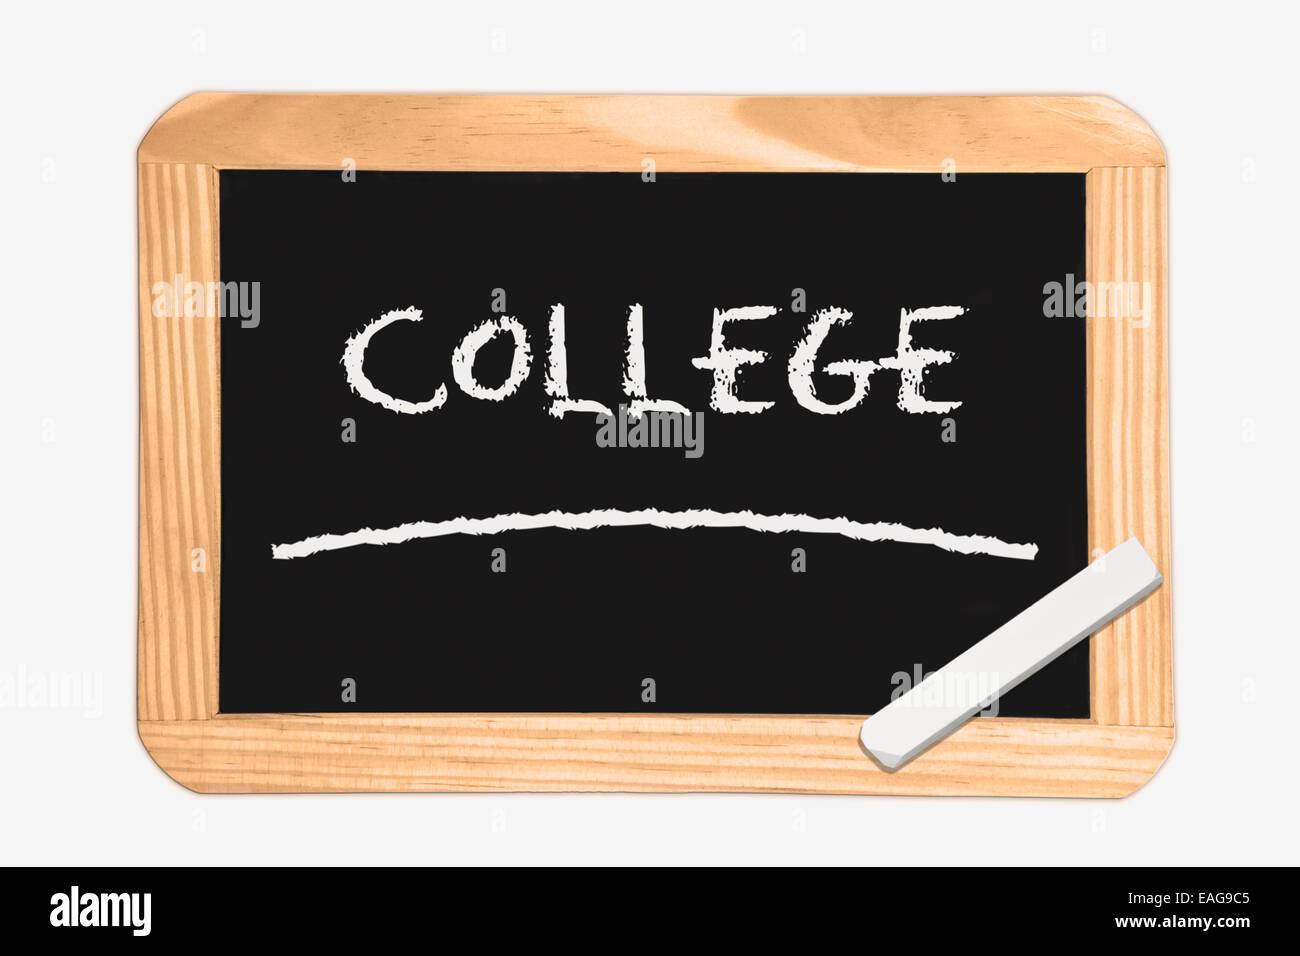 Pizarra con la inscripción College, un pedazo de tiza blanca en la esquina Imagen De Stock